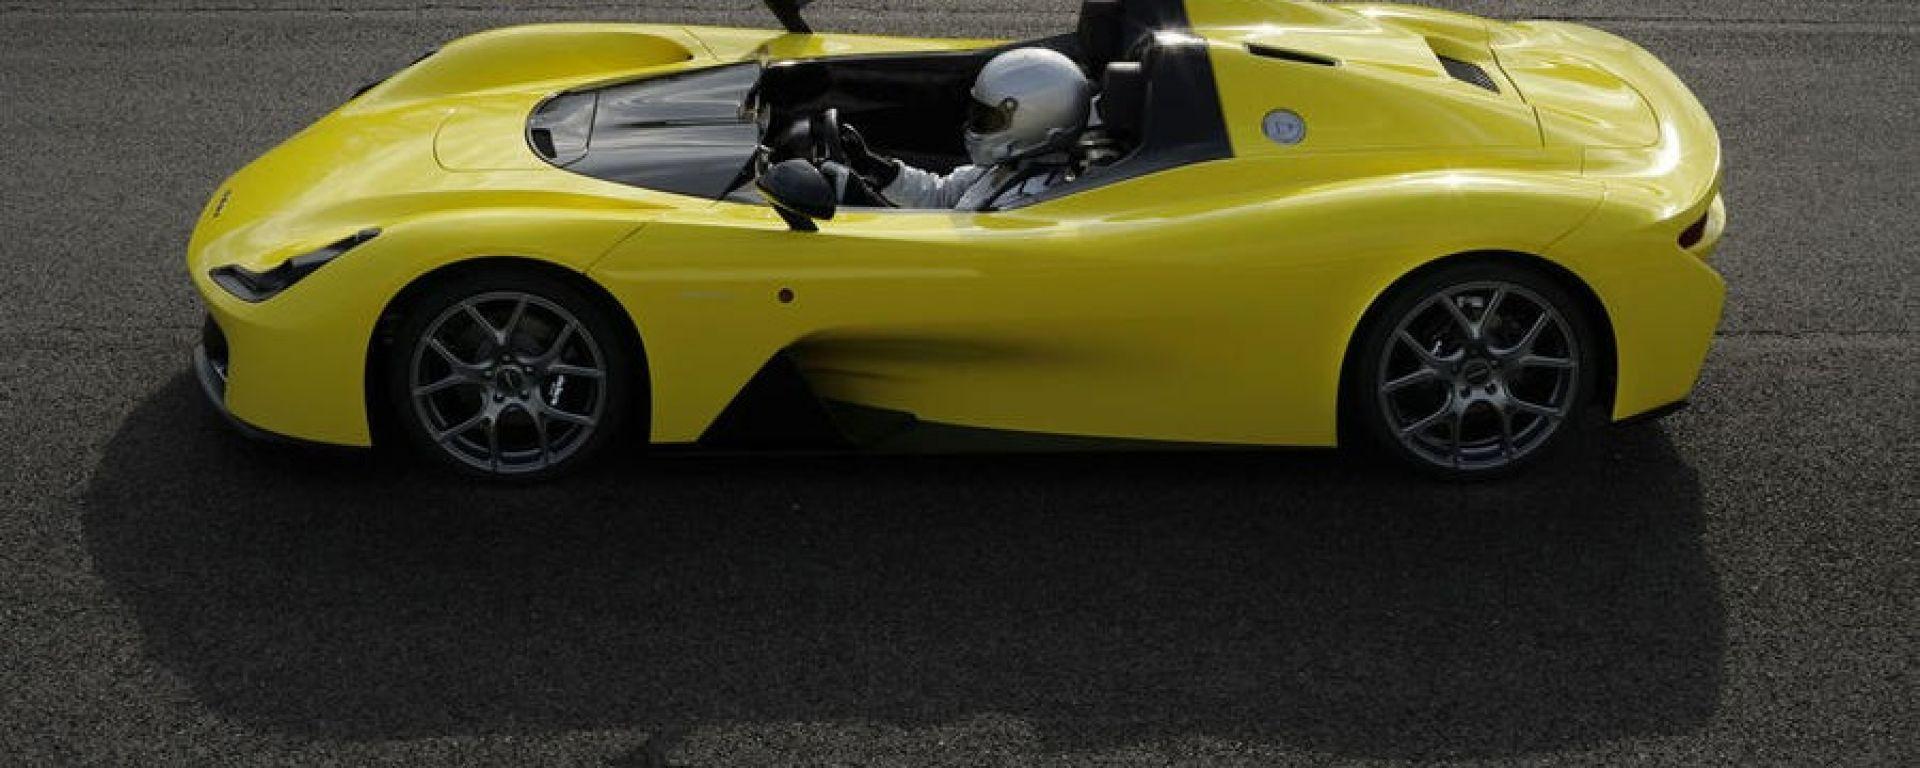 Dallara Stradale: la silhouette